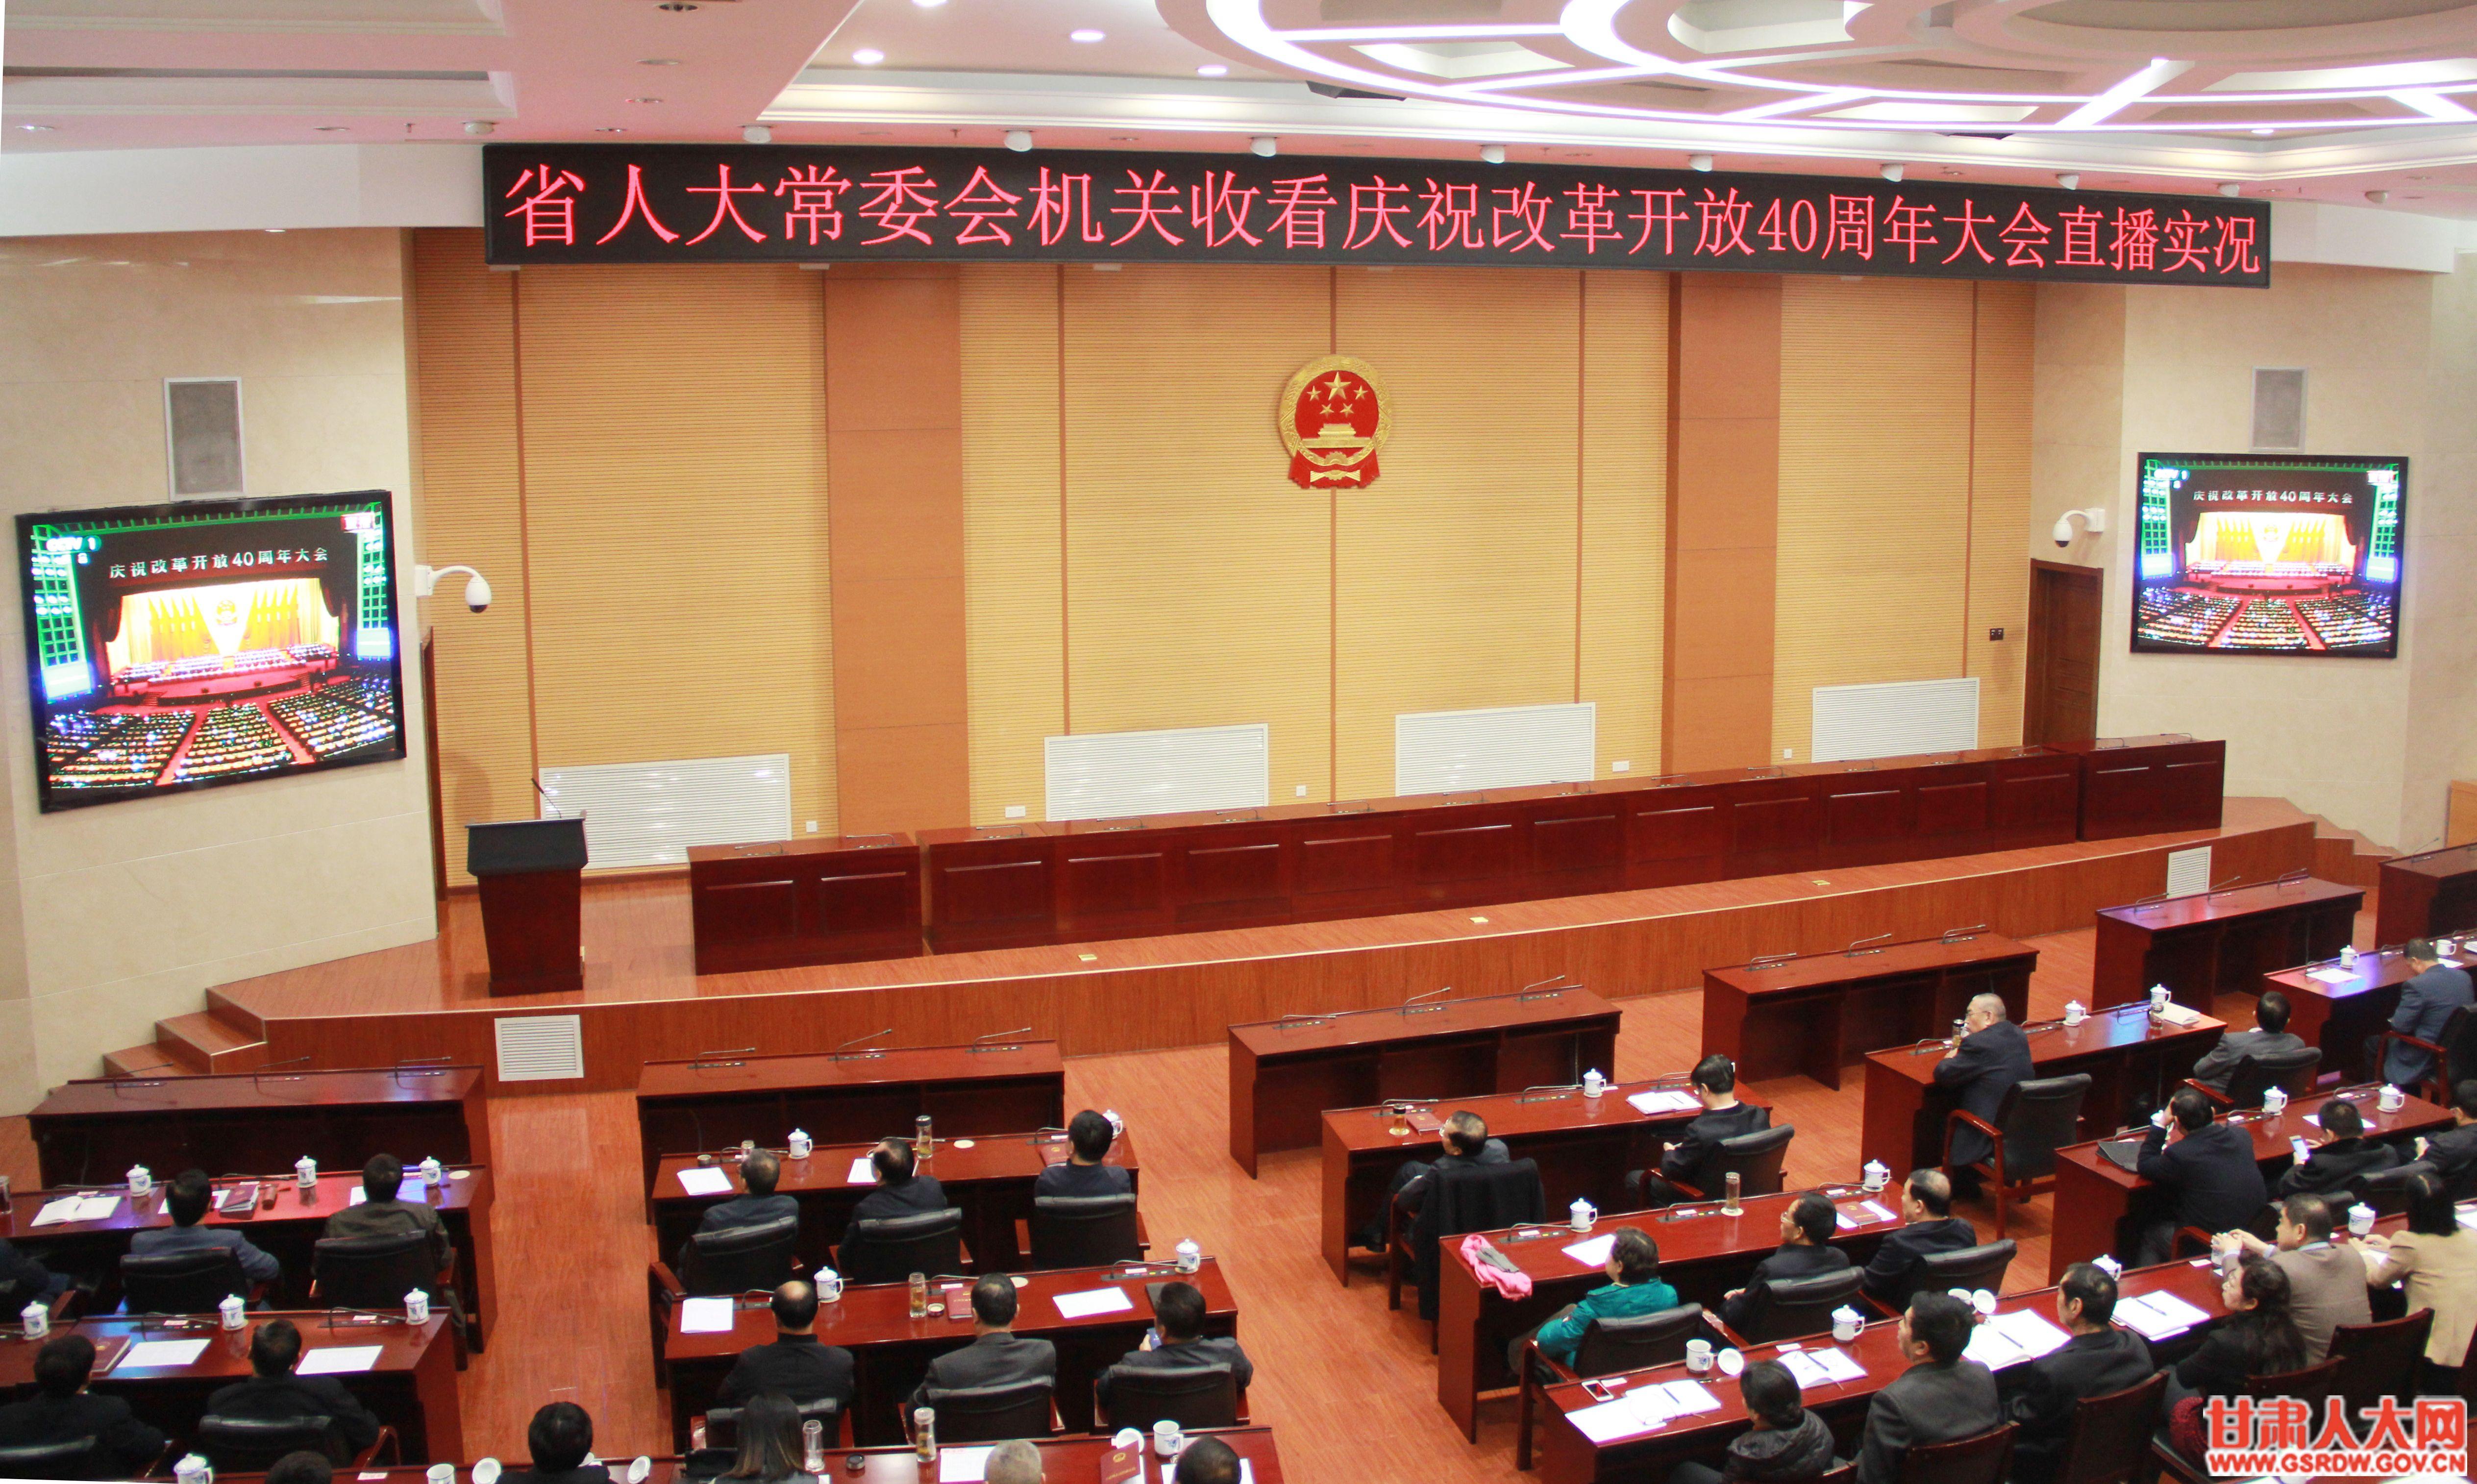 省人大常委会机关全体干部职工收看庆祝改革开放40周年大会直播实况